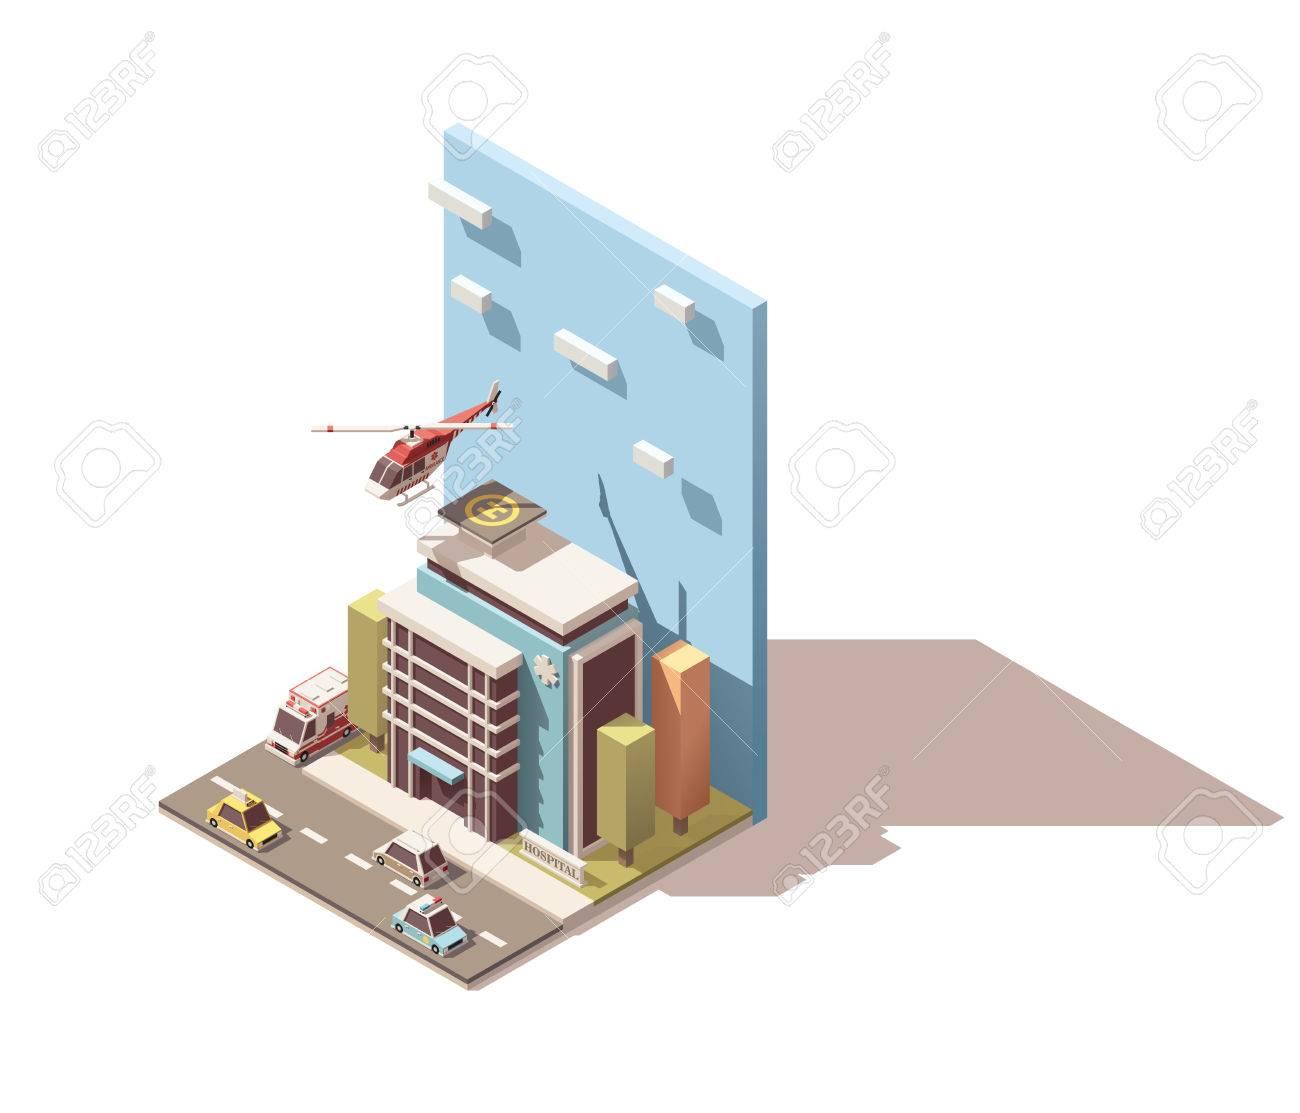 ベクター等尺性のアイコンまたはインフォ  グラフィック要素病院や救急車を表すの関連イラスト。等尺性救急バン、ヘリ、病院やクリニックの建物、道路、ストリート要素が含まれています